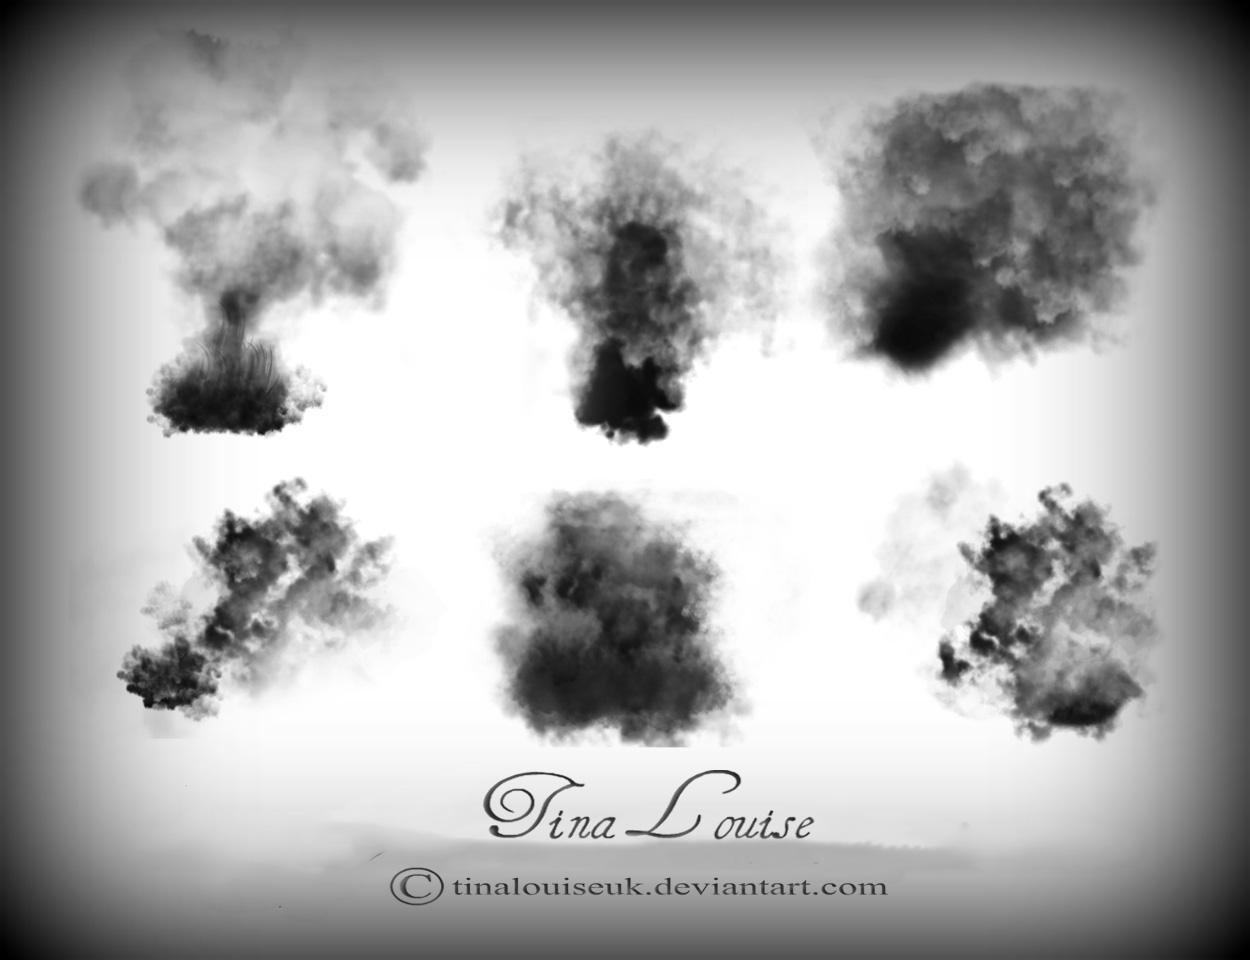 20 Smoke PSD Brushes Images - Photoshop Smoke Brushes, Photoshop